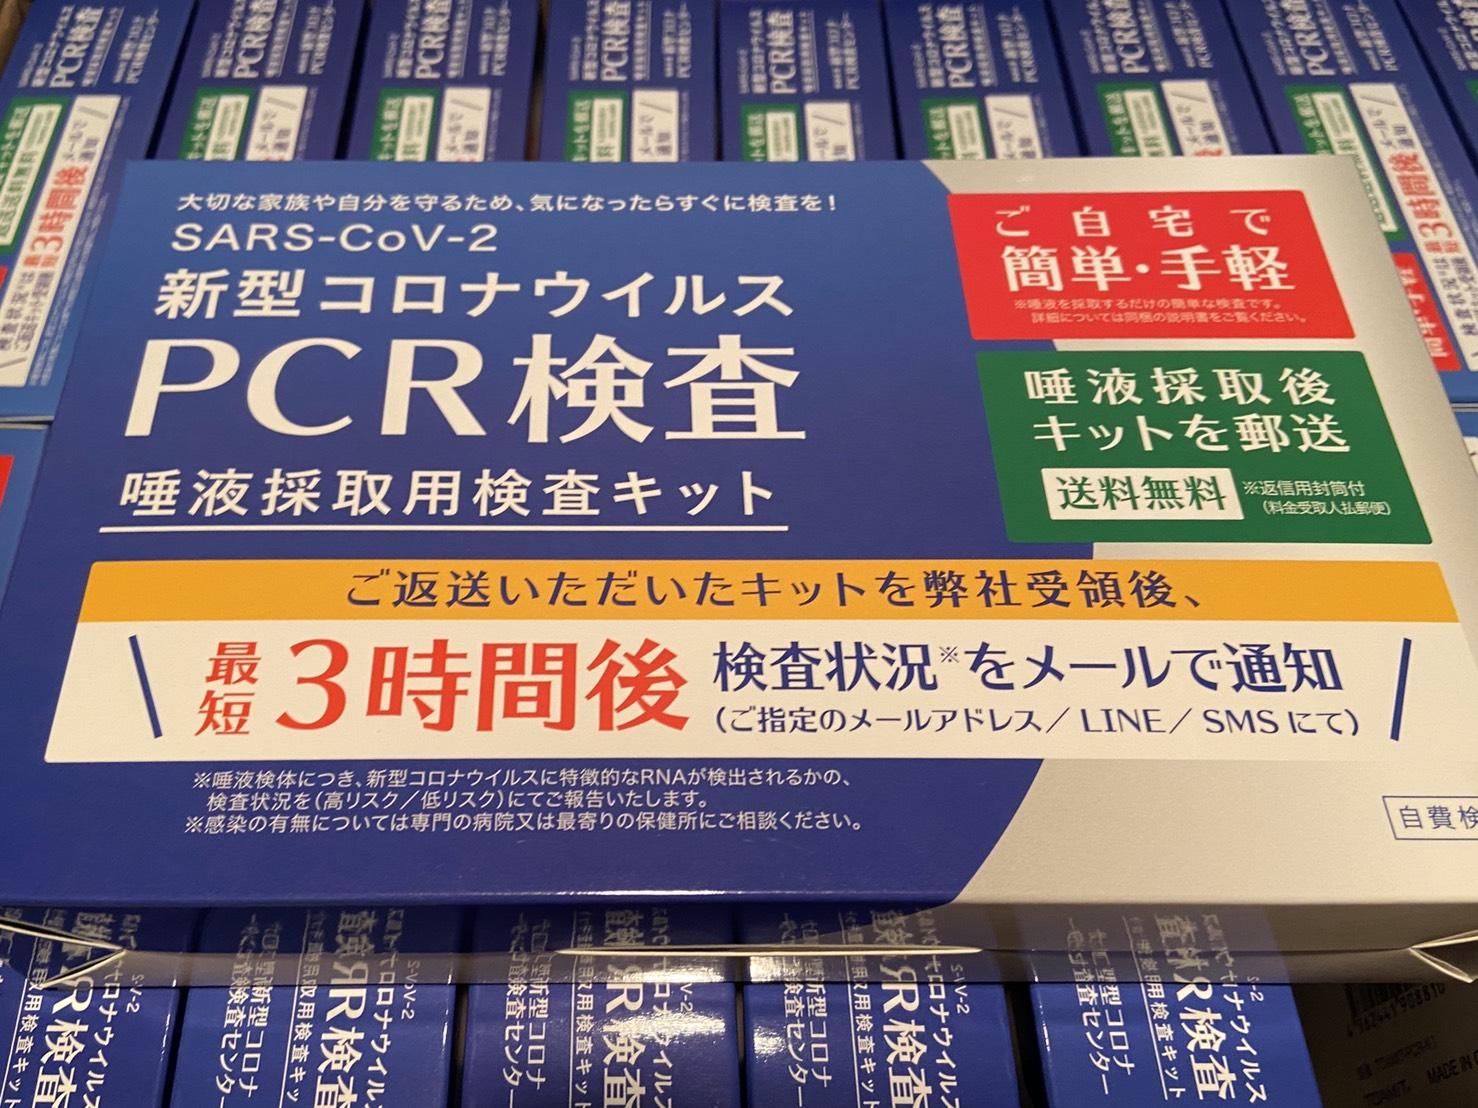 PCR検査と地域活力の共創